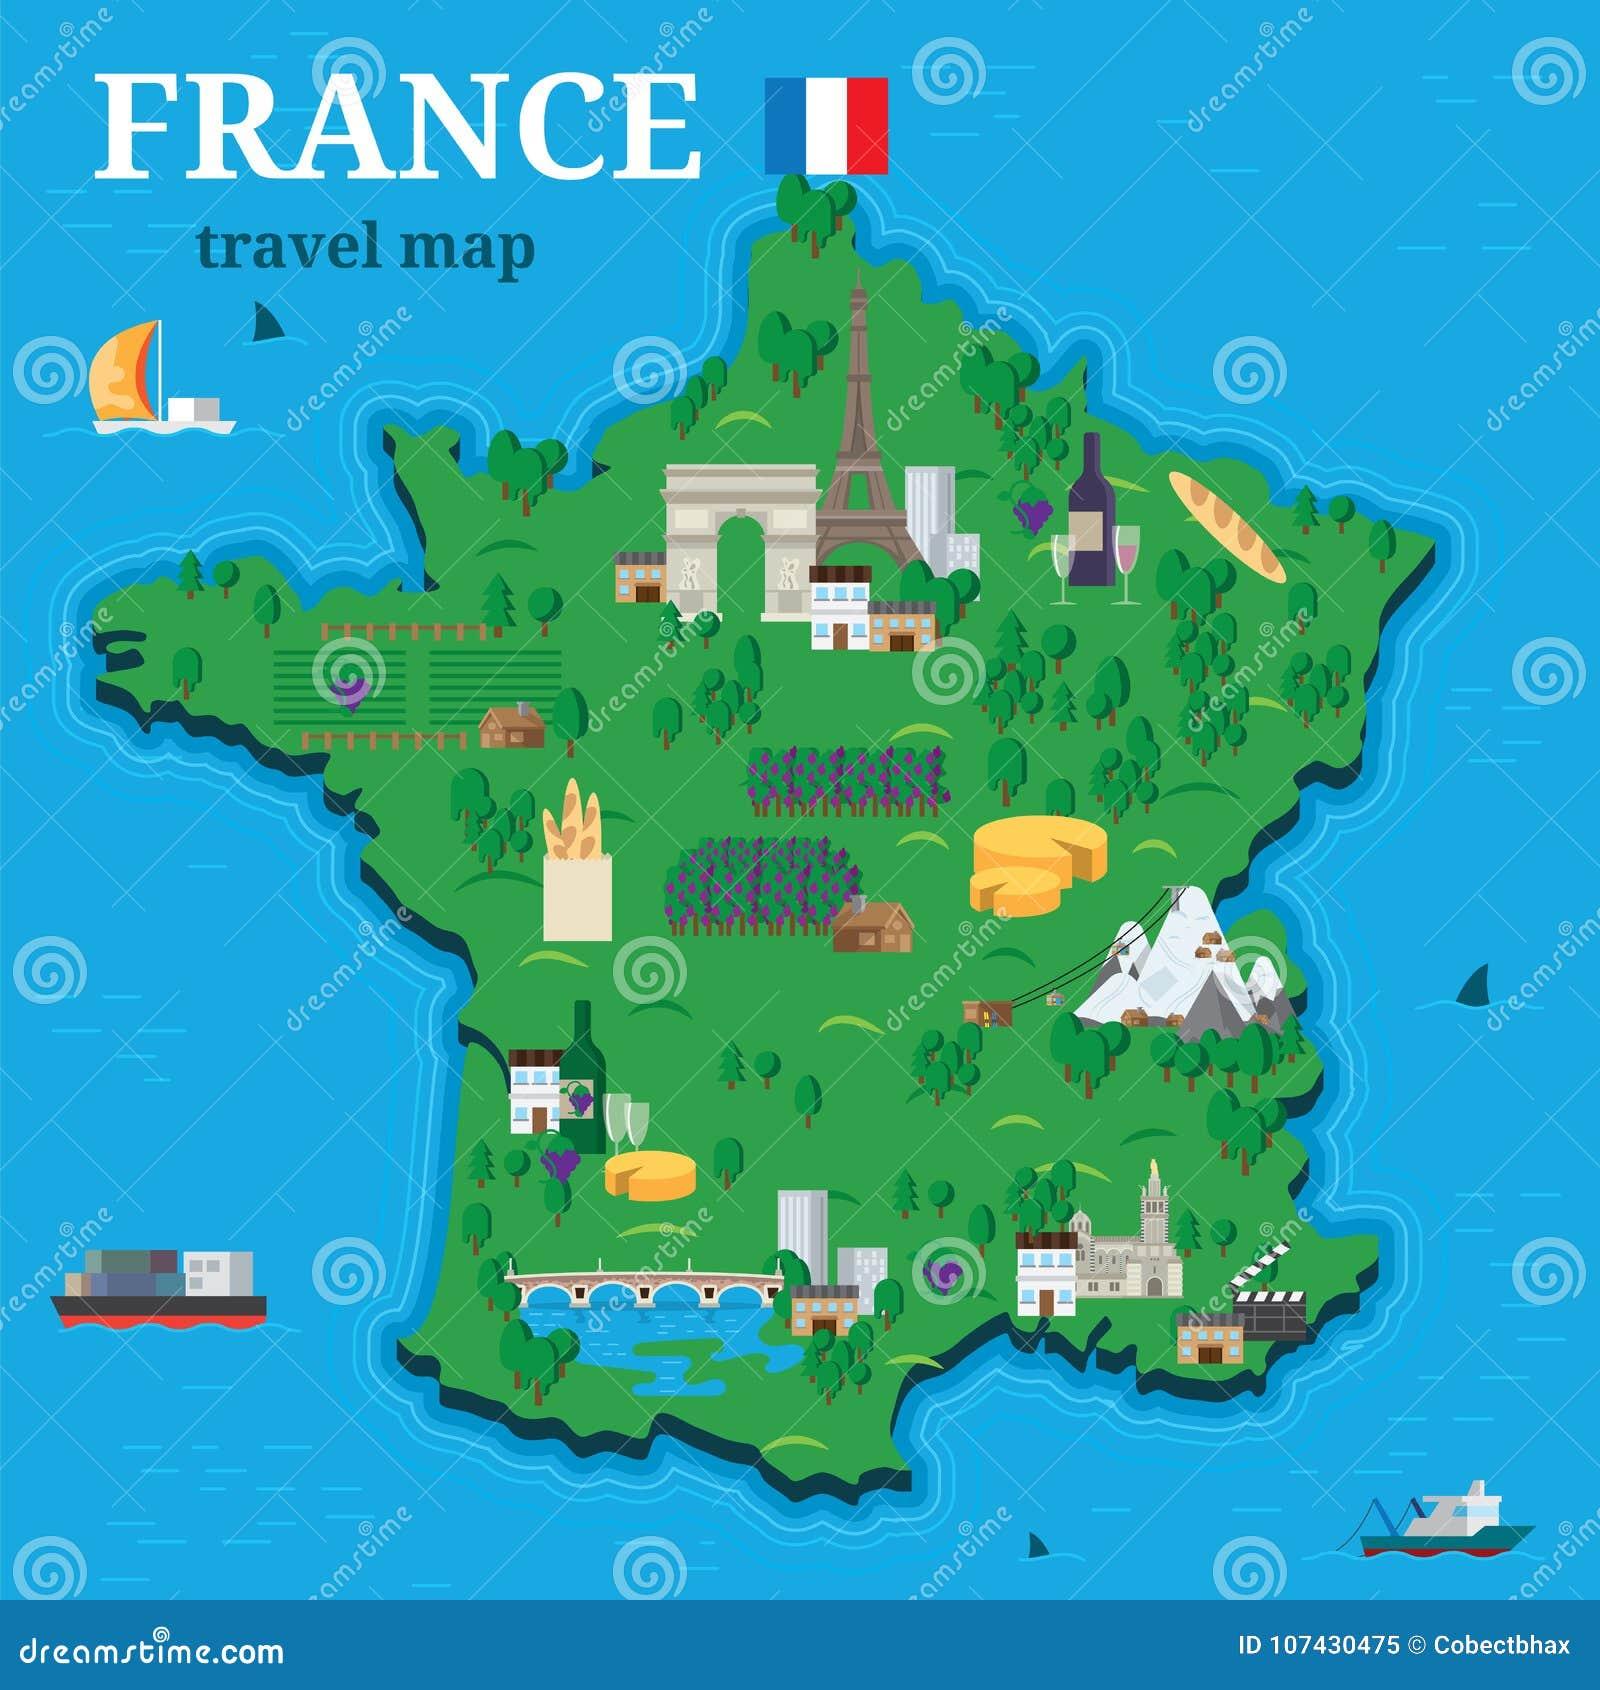 Cartina Della Francia Con Monumenti.Mappa Della Francia Per Il Viaggiatore Con Stile Piano Delle Attrazioni Turistiche Di Progettazione Locale Di Vettore Illustrazione Vettoriale Illustrazione Di Illustrazione Coltura 107430475